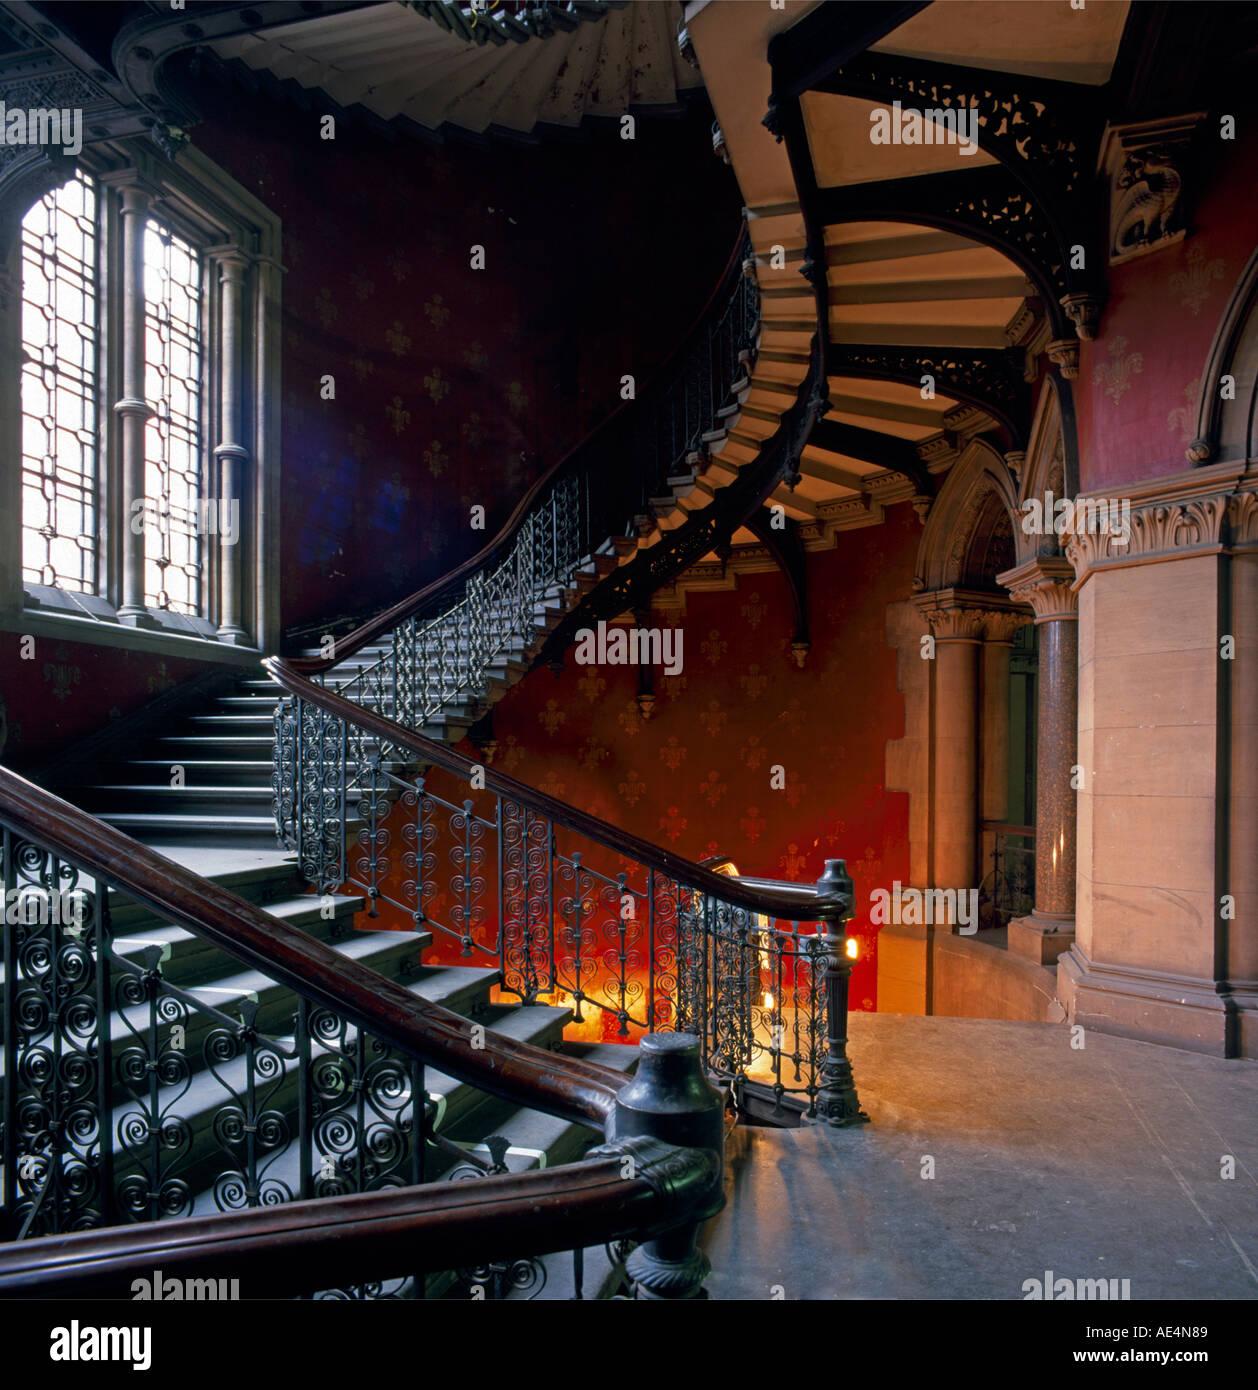 Grand Victorian scala gotica all'interno di St Pancras Camere London NW1 Inghilterra Immagini Stock